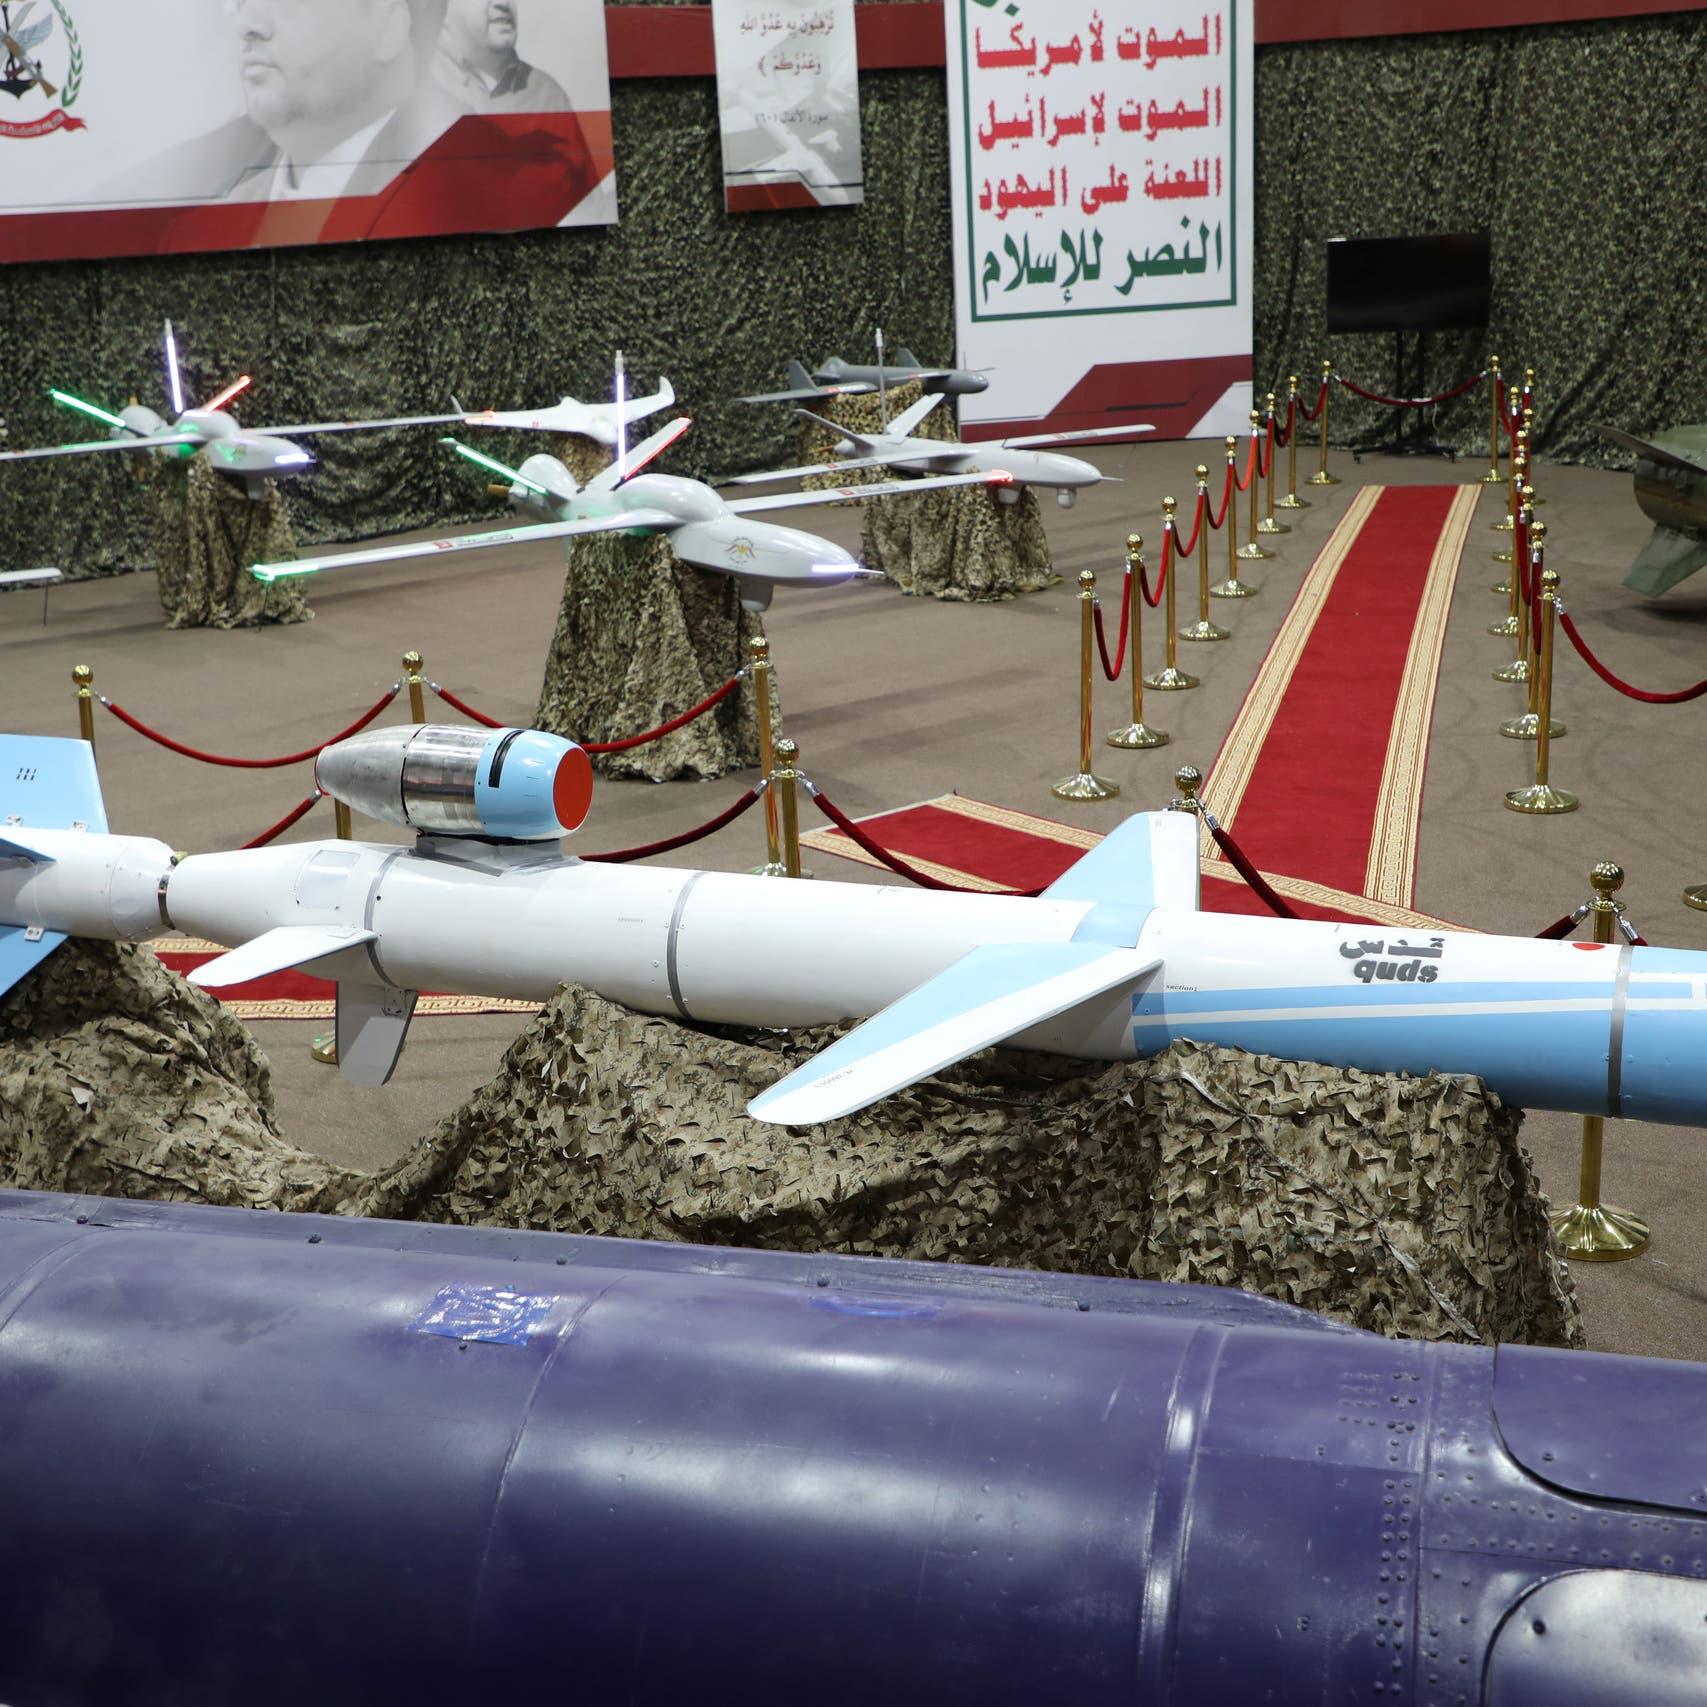 توالي الإدانات لمحاولة الحوثيين استهداف السعودية